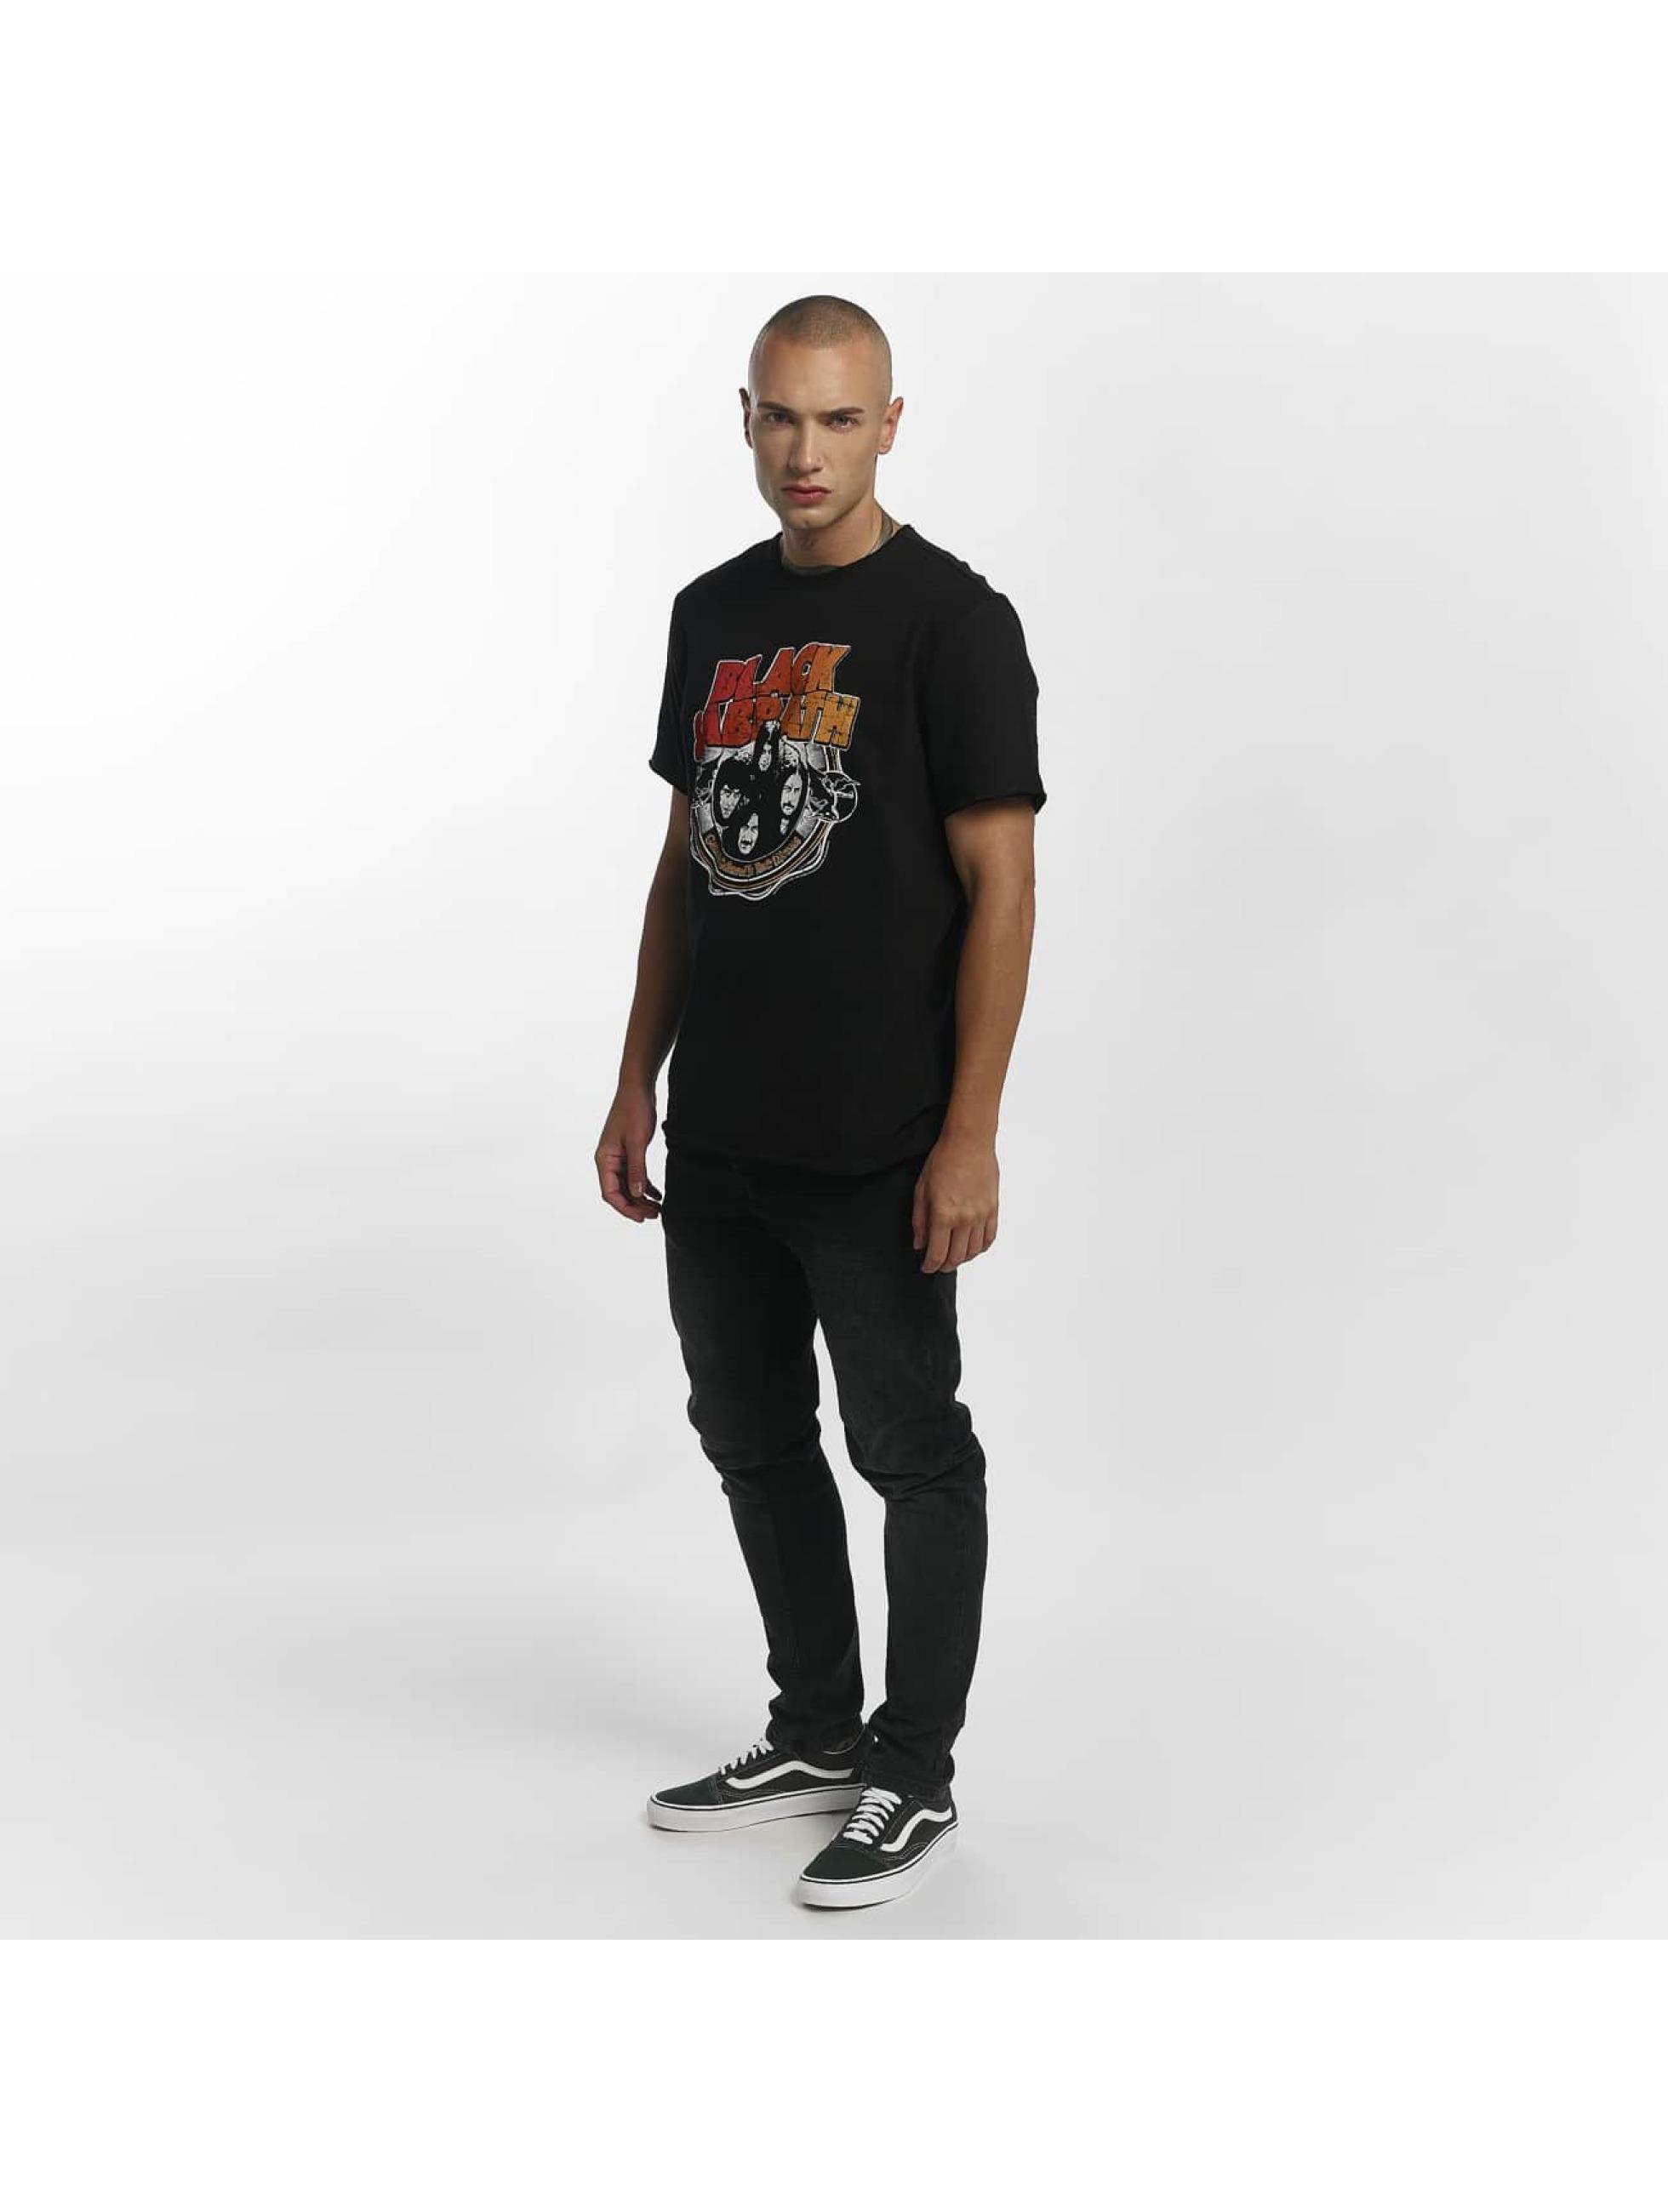 Amplified T-Shirt Black Sabbath War Pig noir